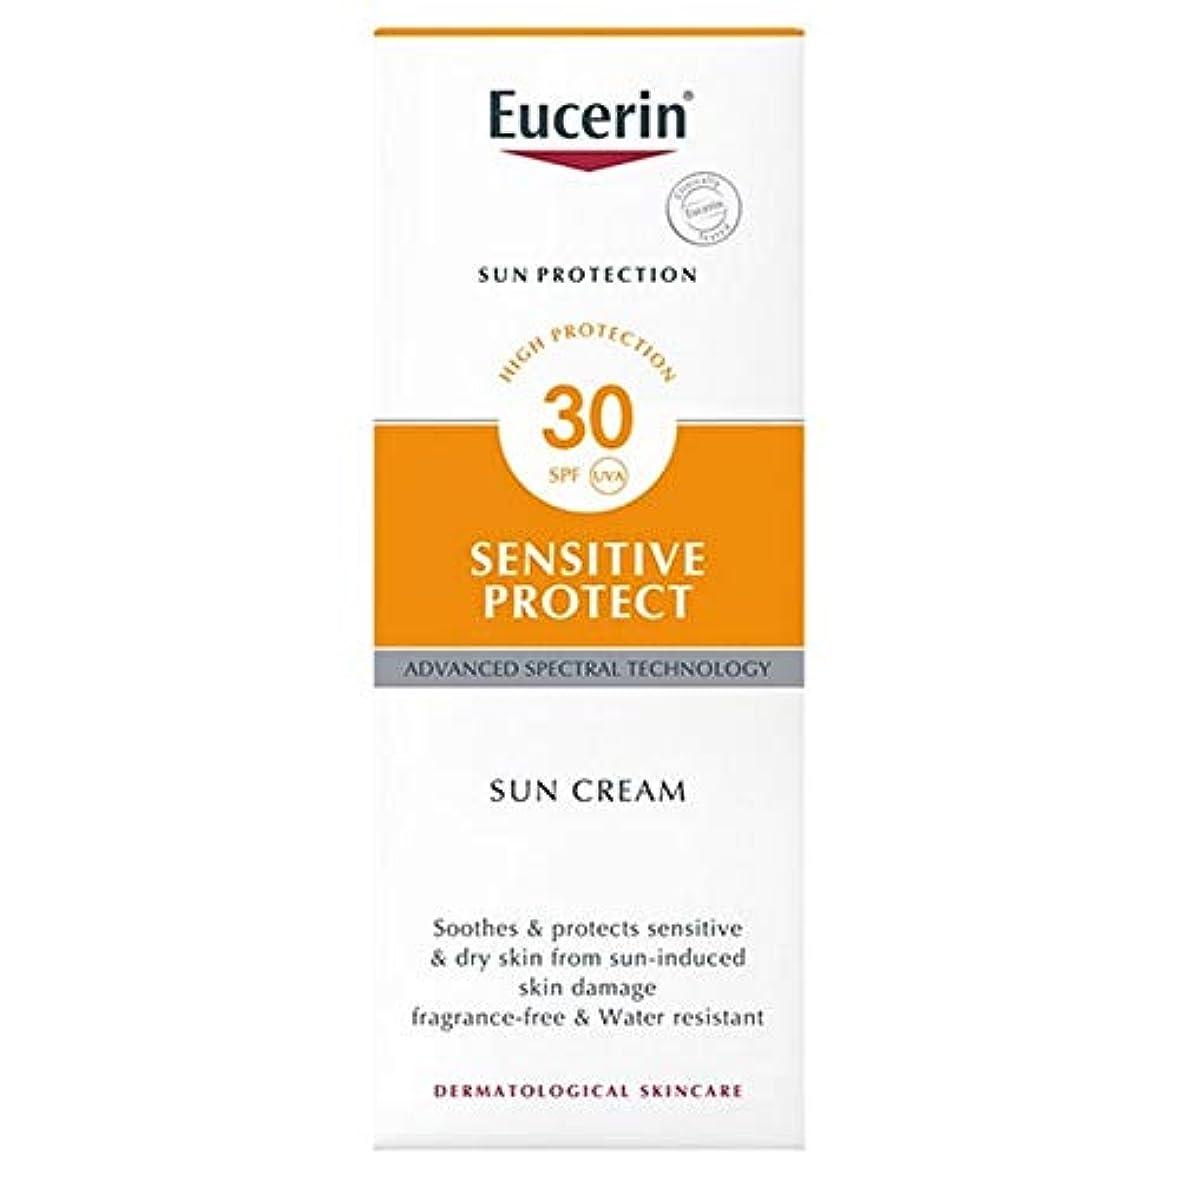 無駄だパースブラックボロウバンド[Eucerin ] ユーセリン敏感プロテクト日クリームSpf30の50ミリリットル - Eucerin Sensitive Protect Sun Cream SPF30 50ml [並行輸入品]